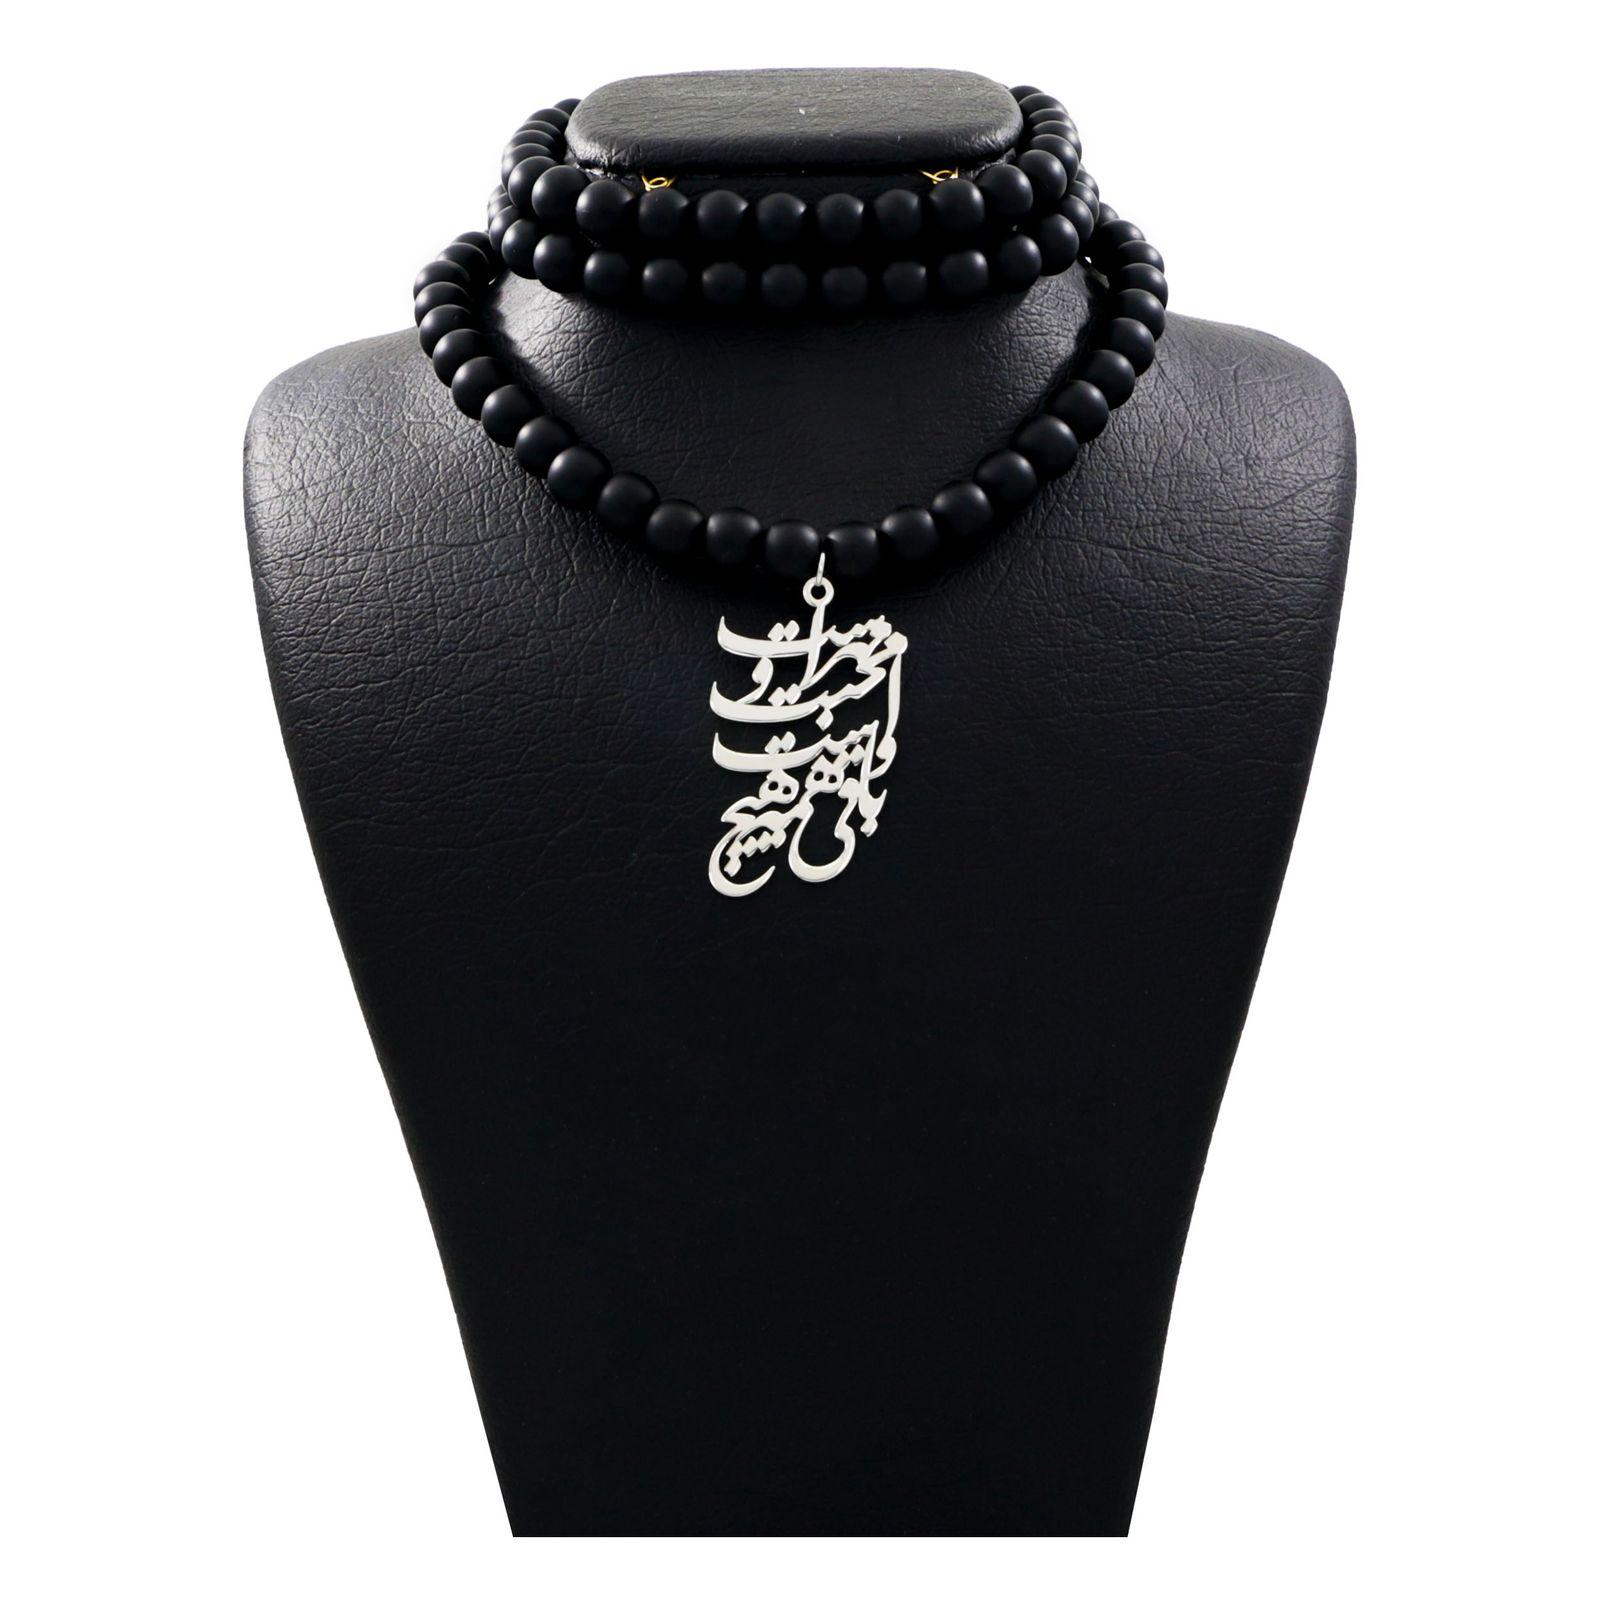 گردنبند نقره زنانه دلی جم طرح مهر است و محبت است و باقی  همه هیچ کد D 89 -  - 2